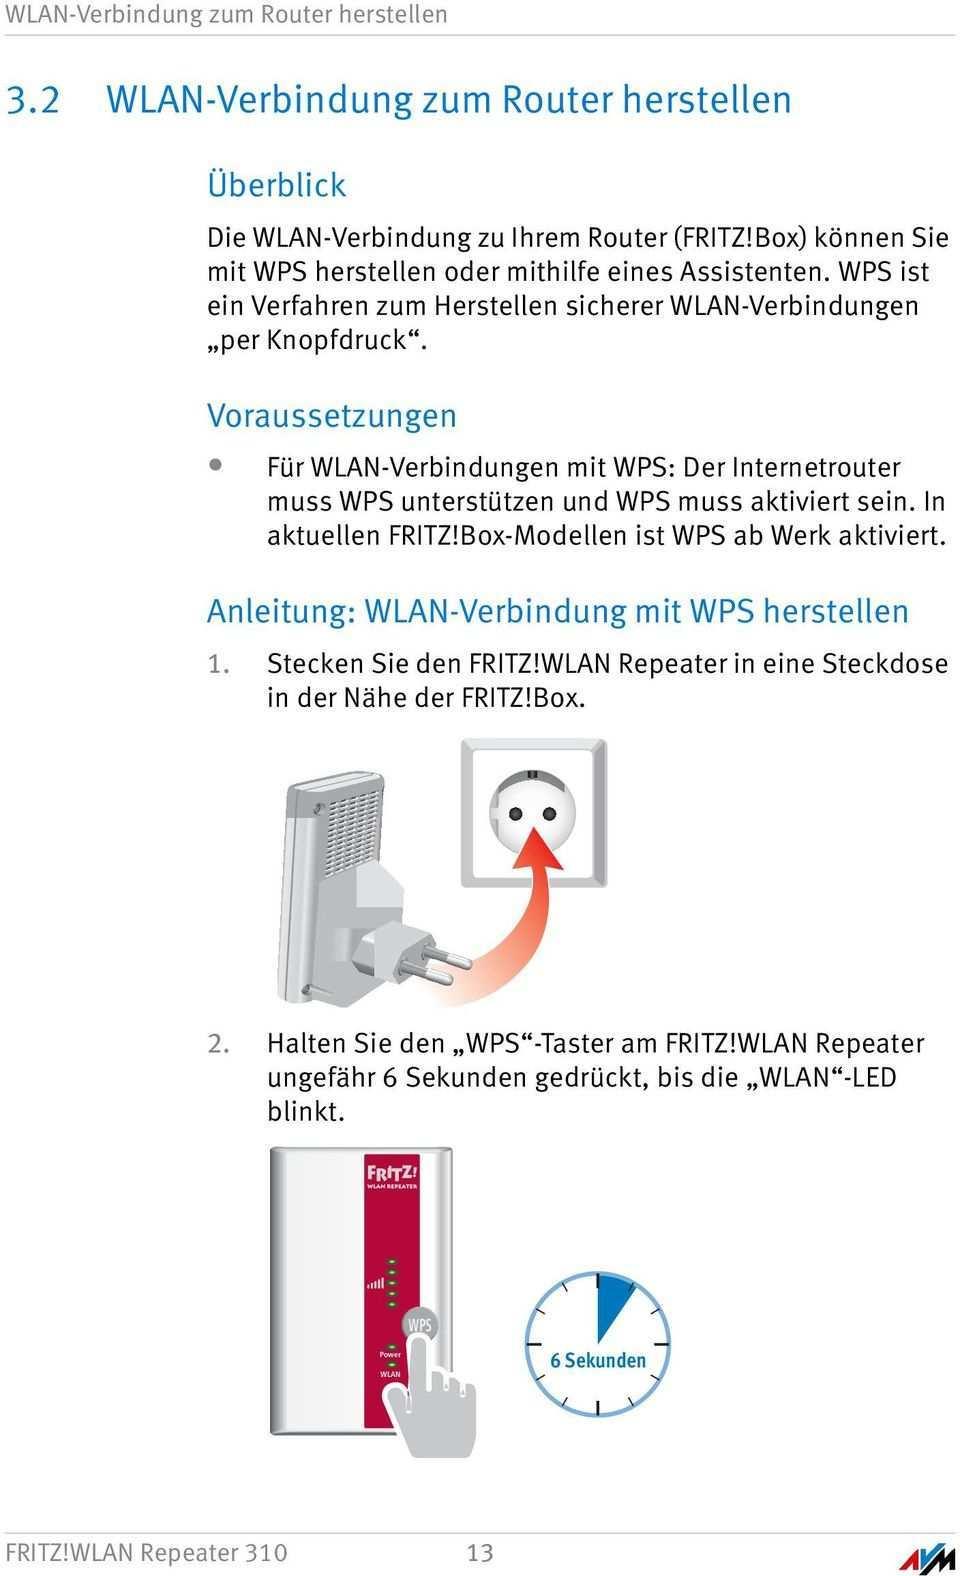 Fritz Wlan Repeater 310 Einrichten Und Bedienen Pdf Free Download